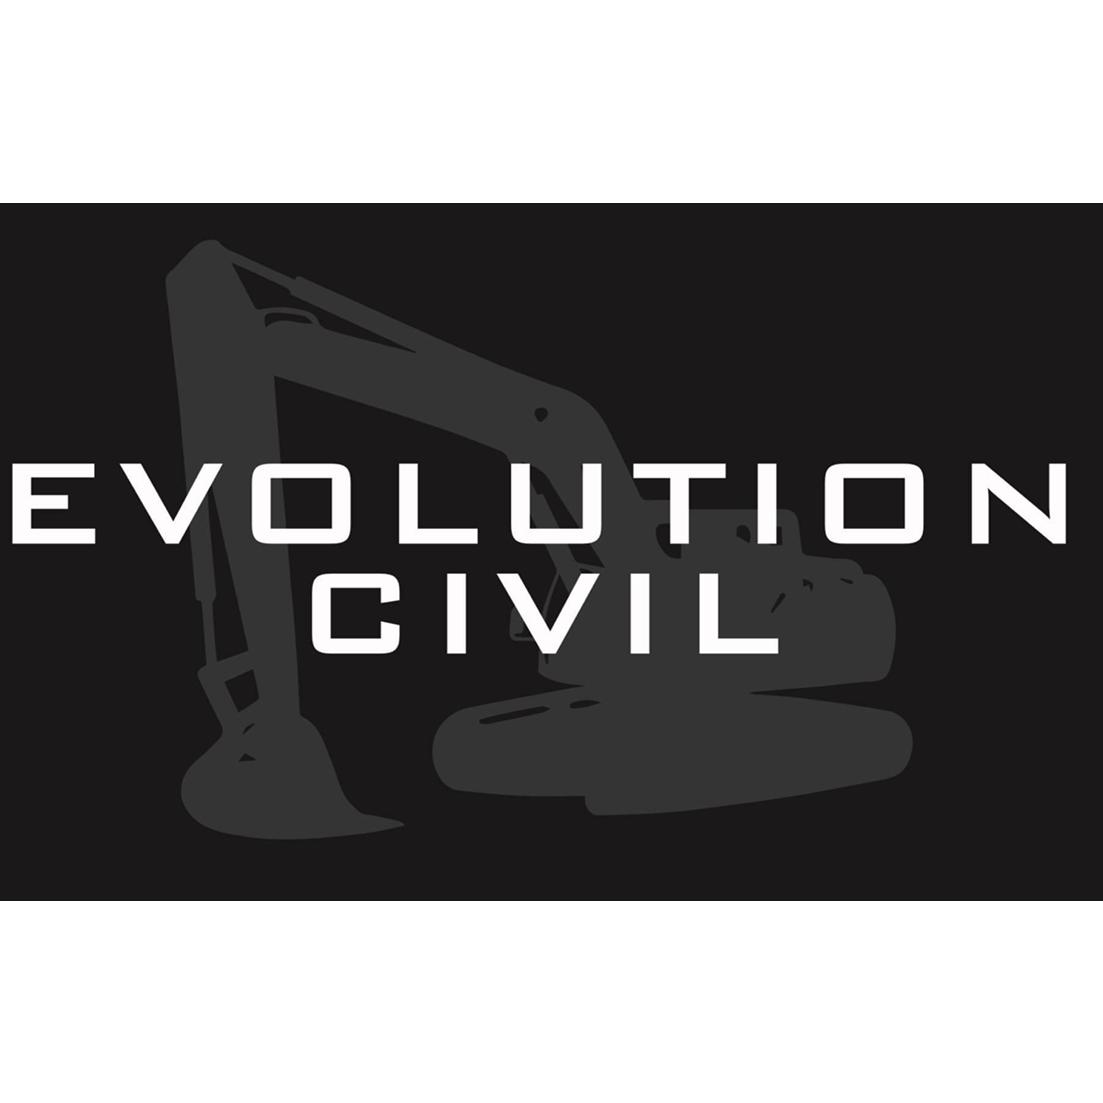 Evolution civil